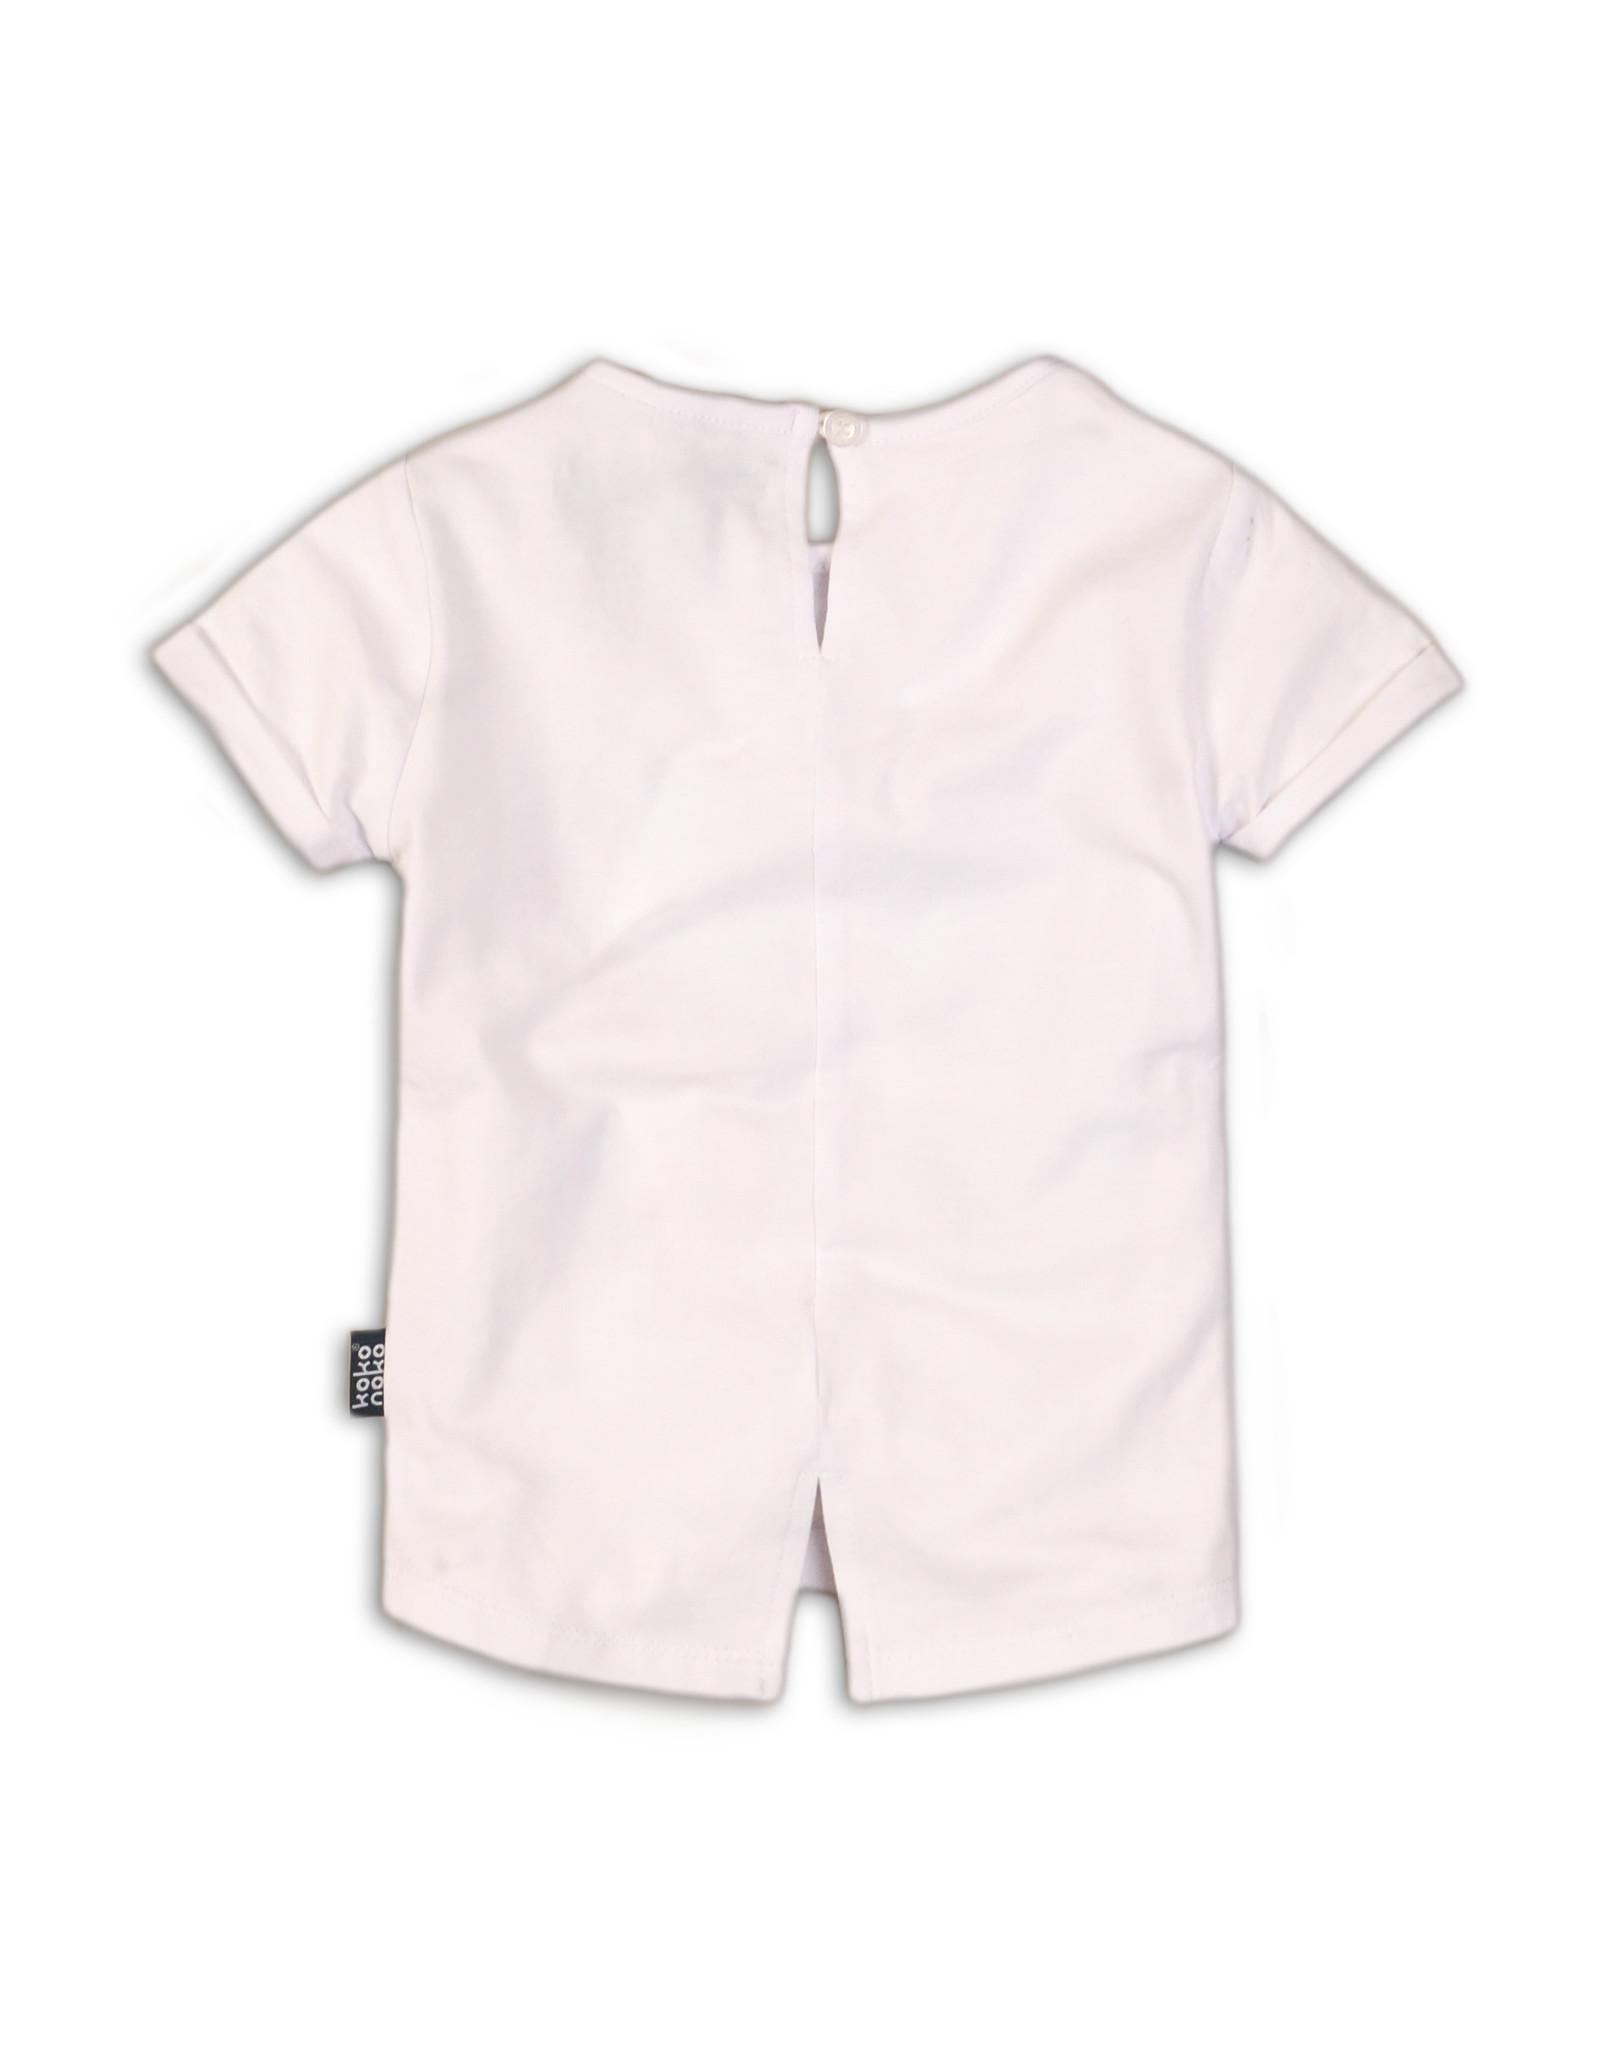 Koko Noko T-shirt white